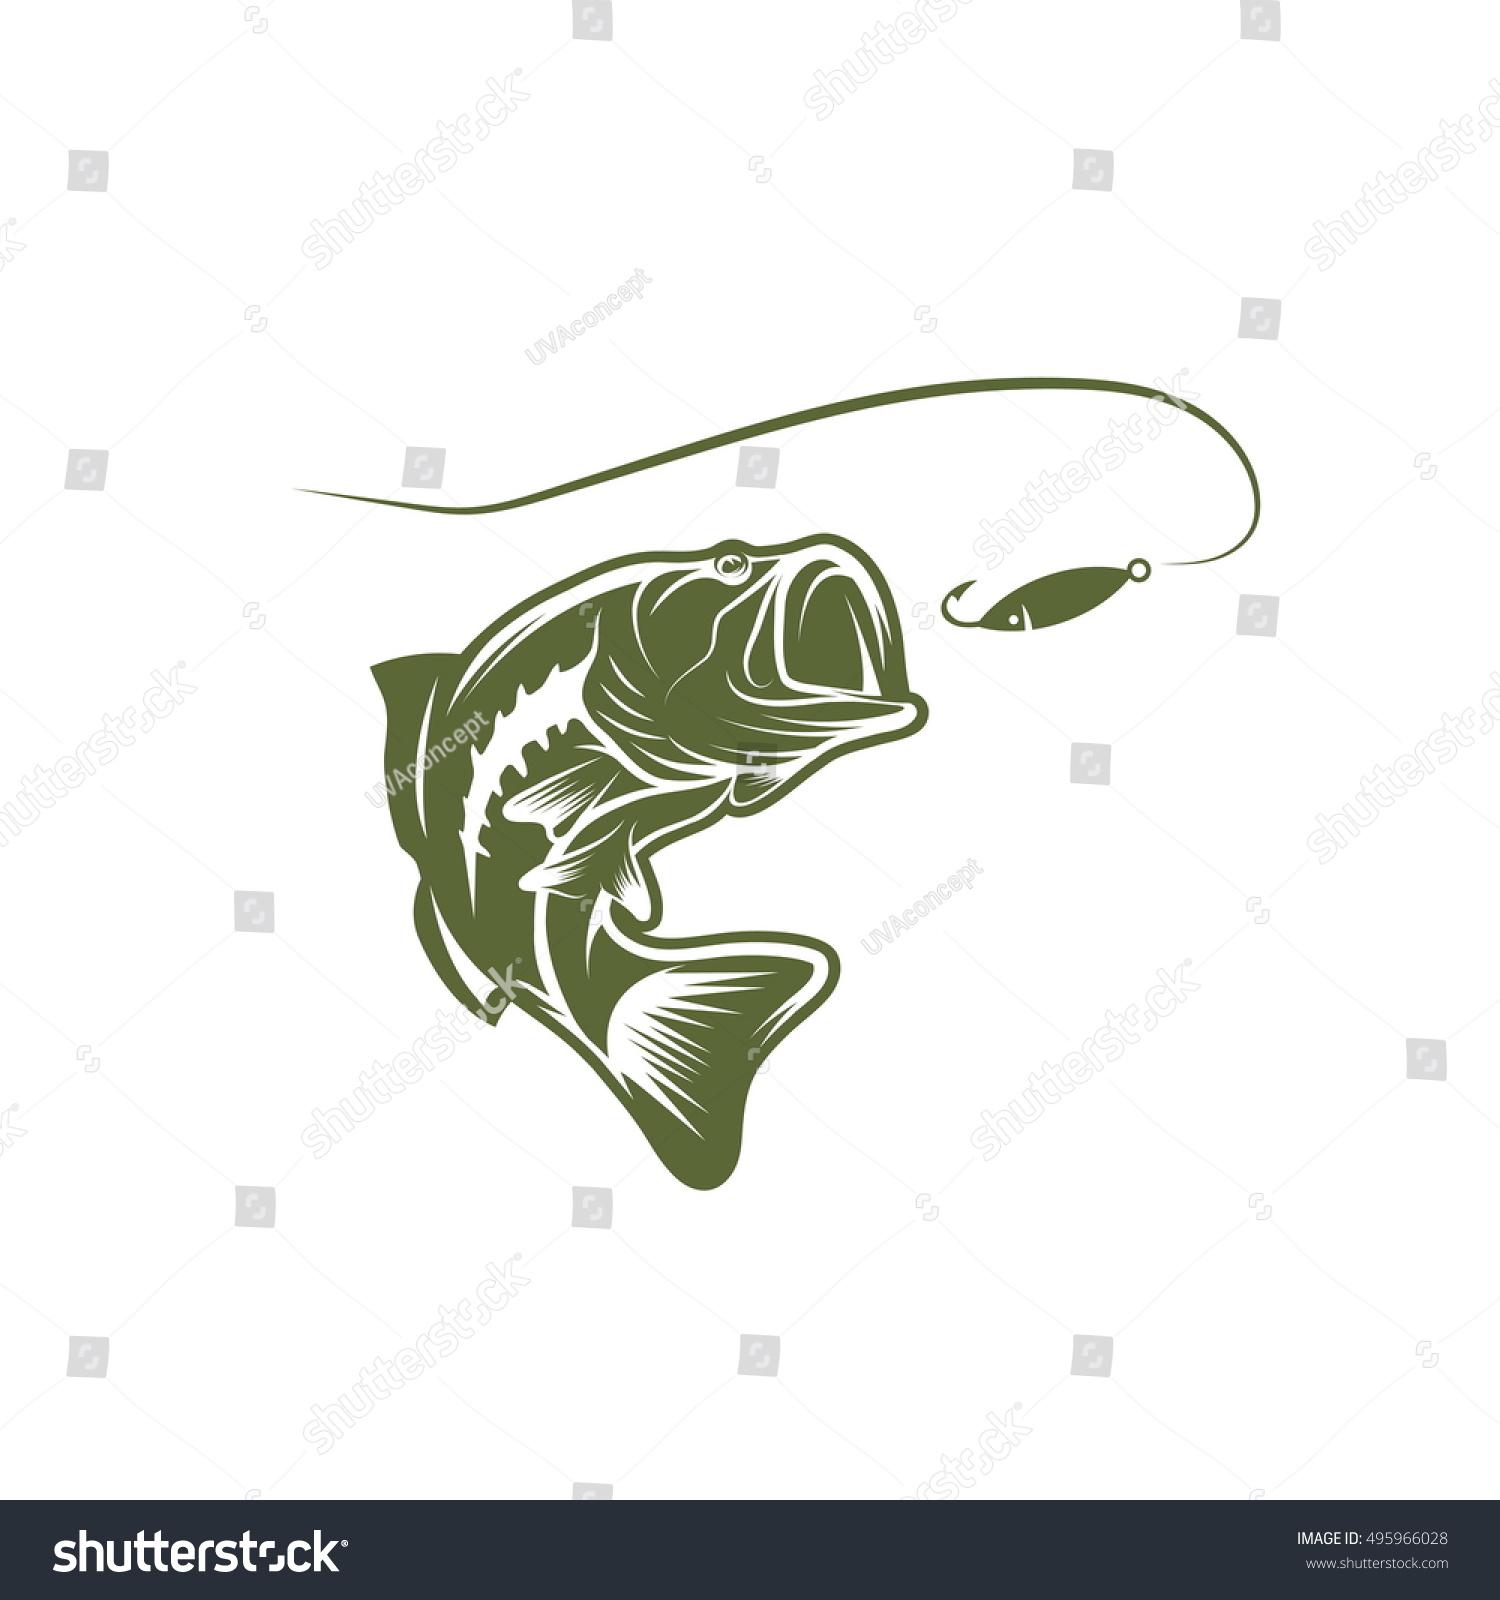 largemouth bass template - photo #17